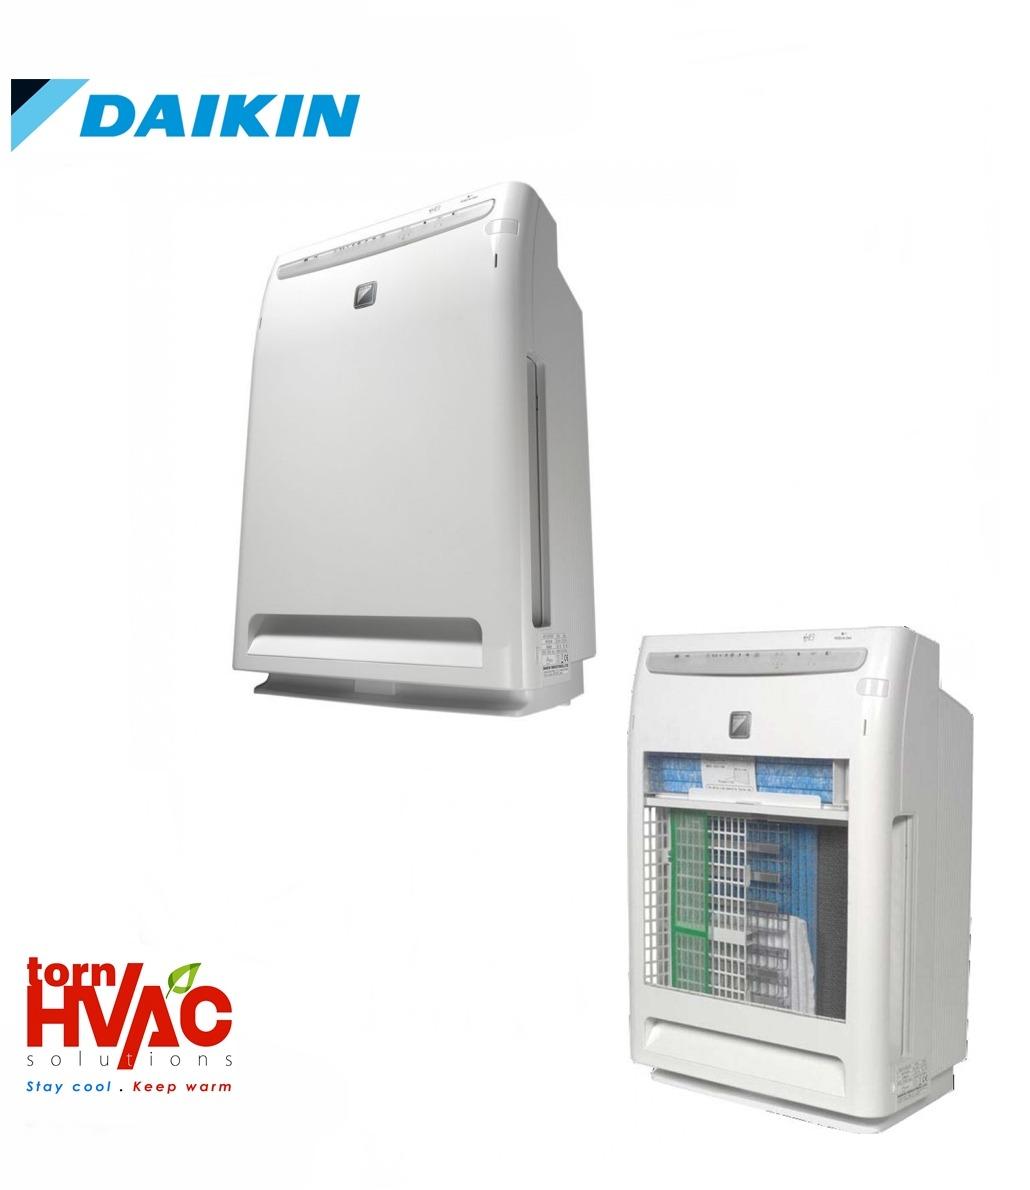 Purificator de aer Daikin cu tehnologie Flash Streamer MC70L